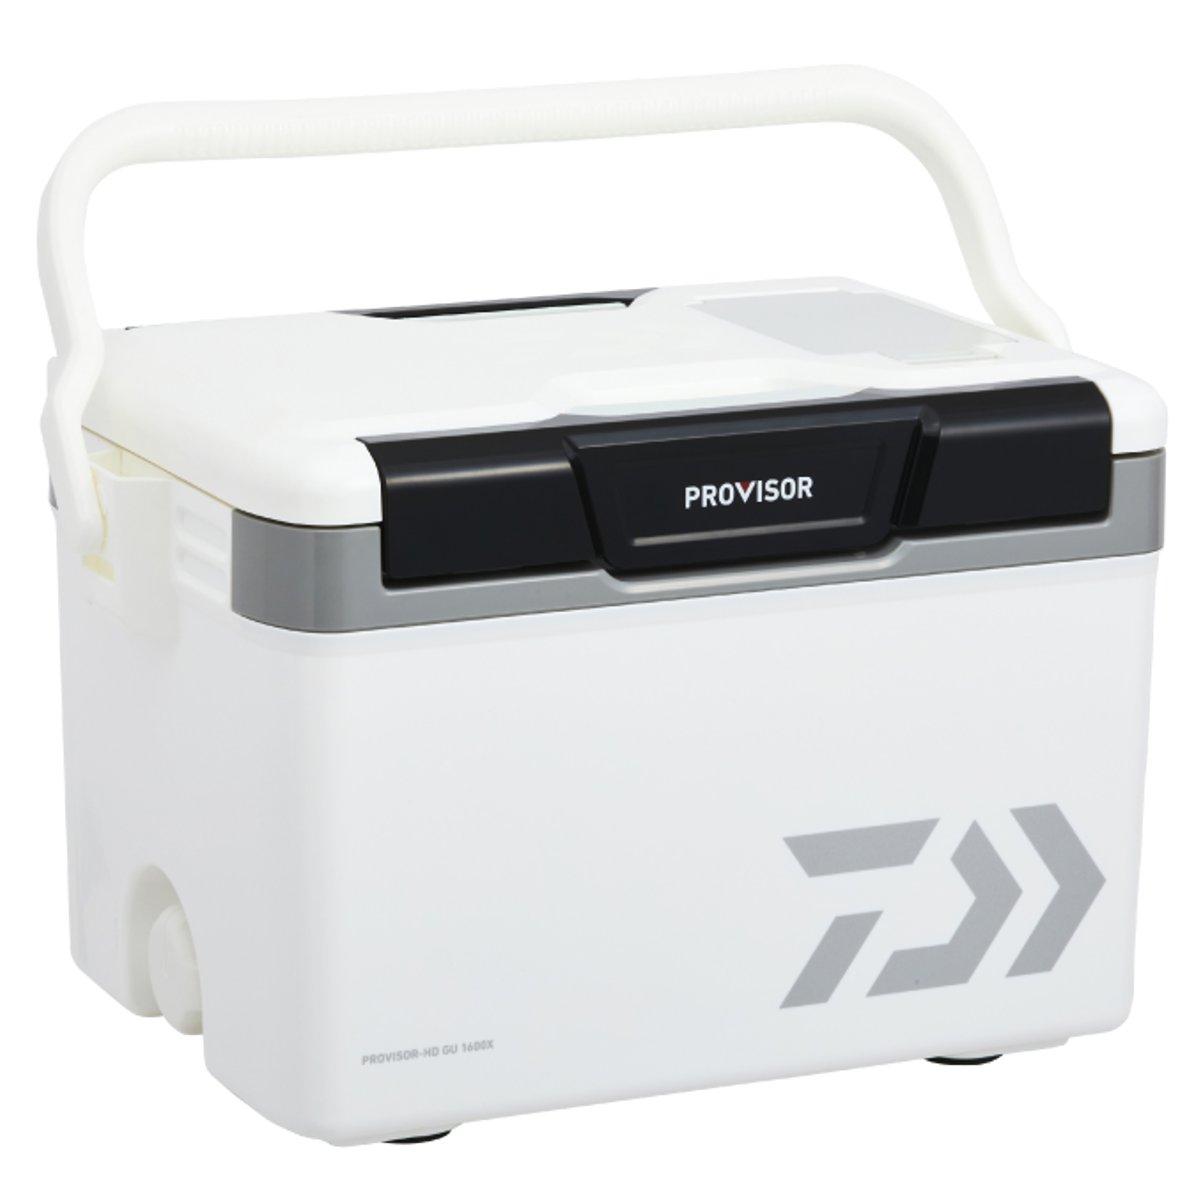 ダイワ プロバイザー HD GU 1600X ブラック クーラーボックス